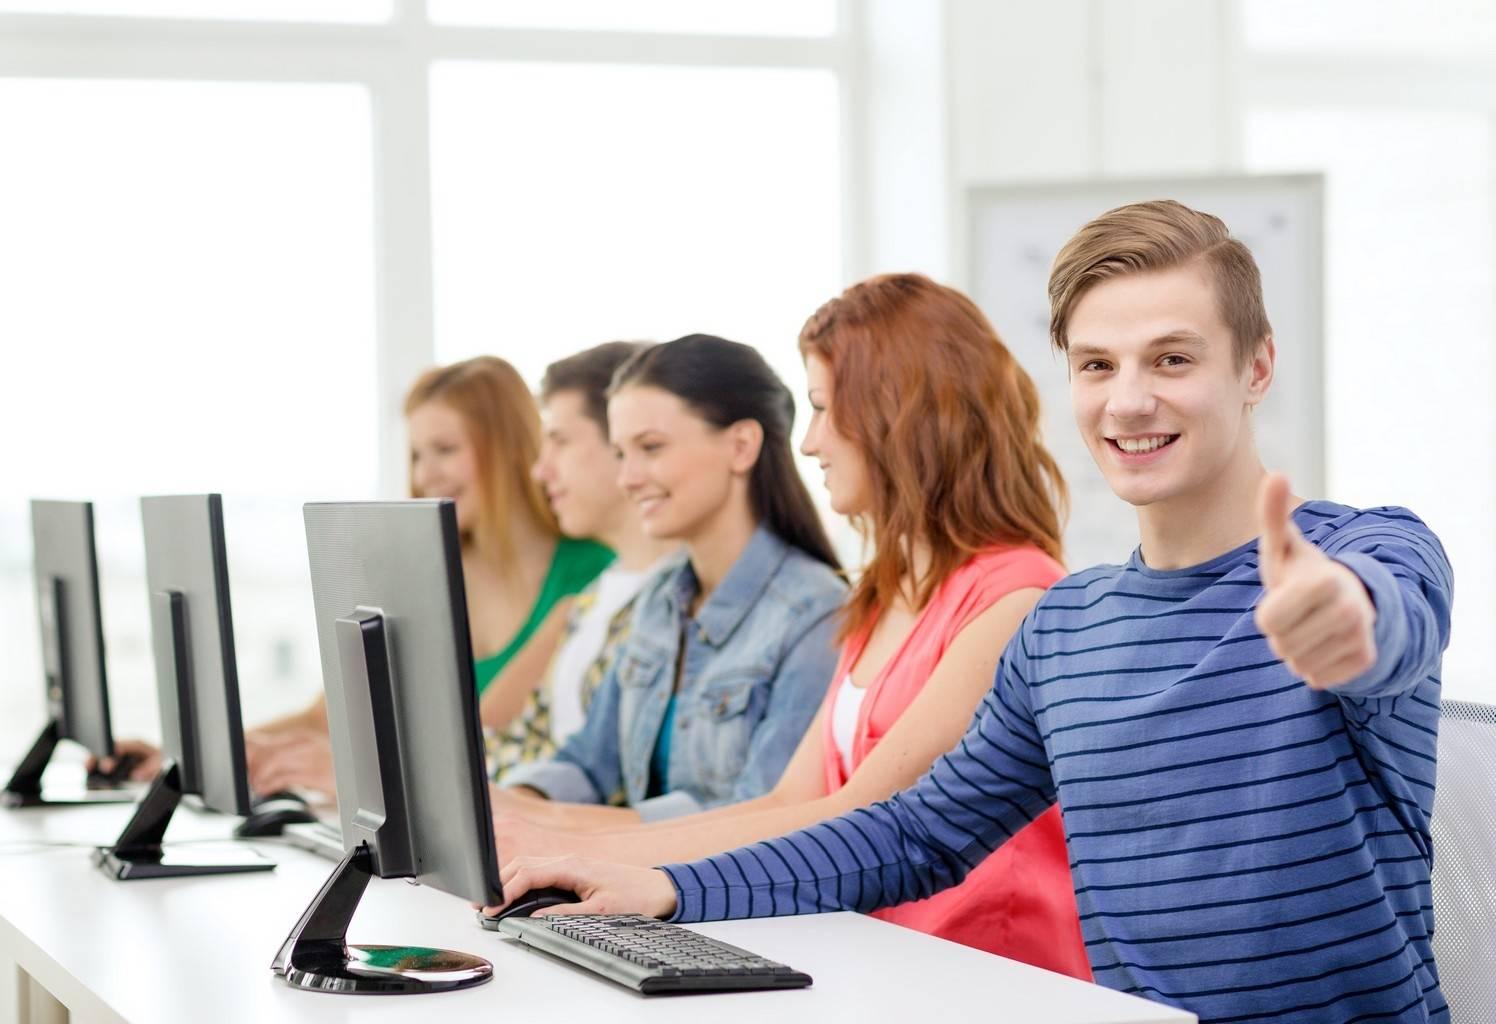 Учеба в польше для украинцев - получить высшее образование в польше, отзывы и цены на обучение   освитаполь